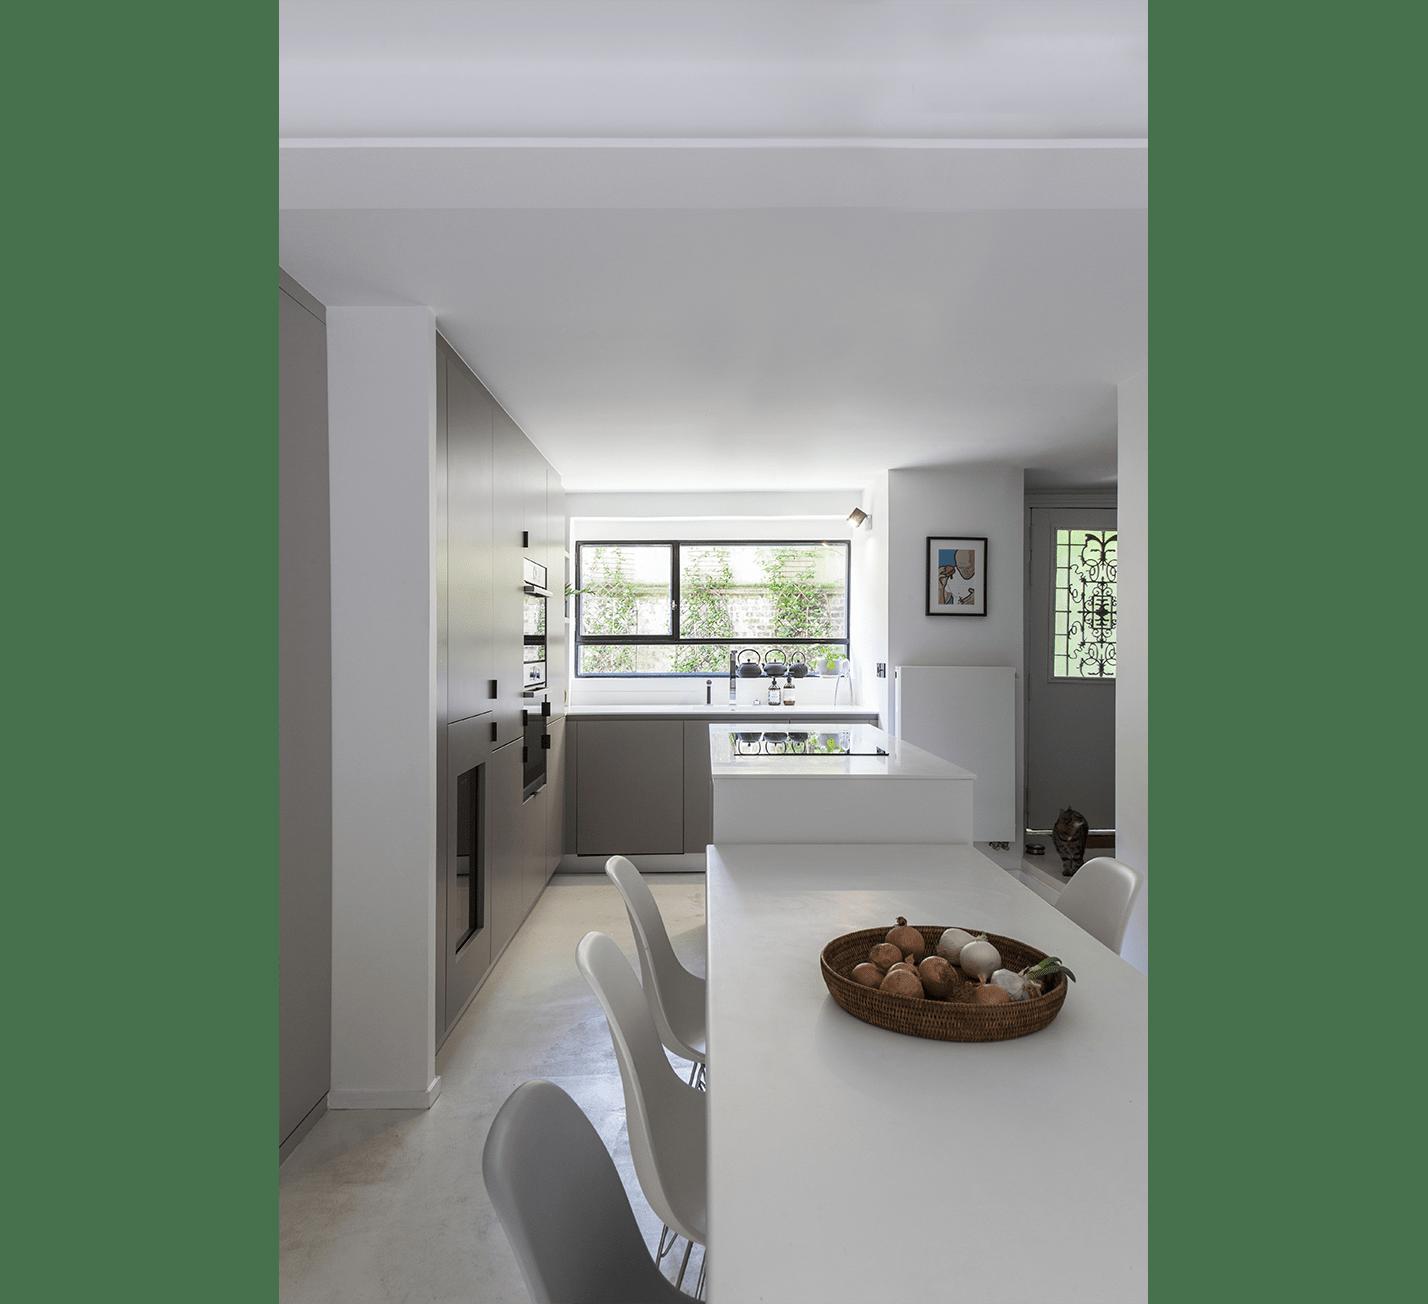 Projet-Square-Chaure-Atelier-Steve-Pauline-Borgia-Architecture-interieur-06-min